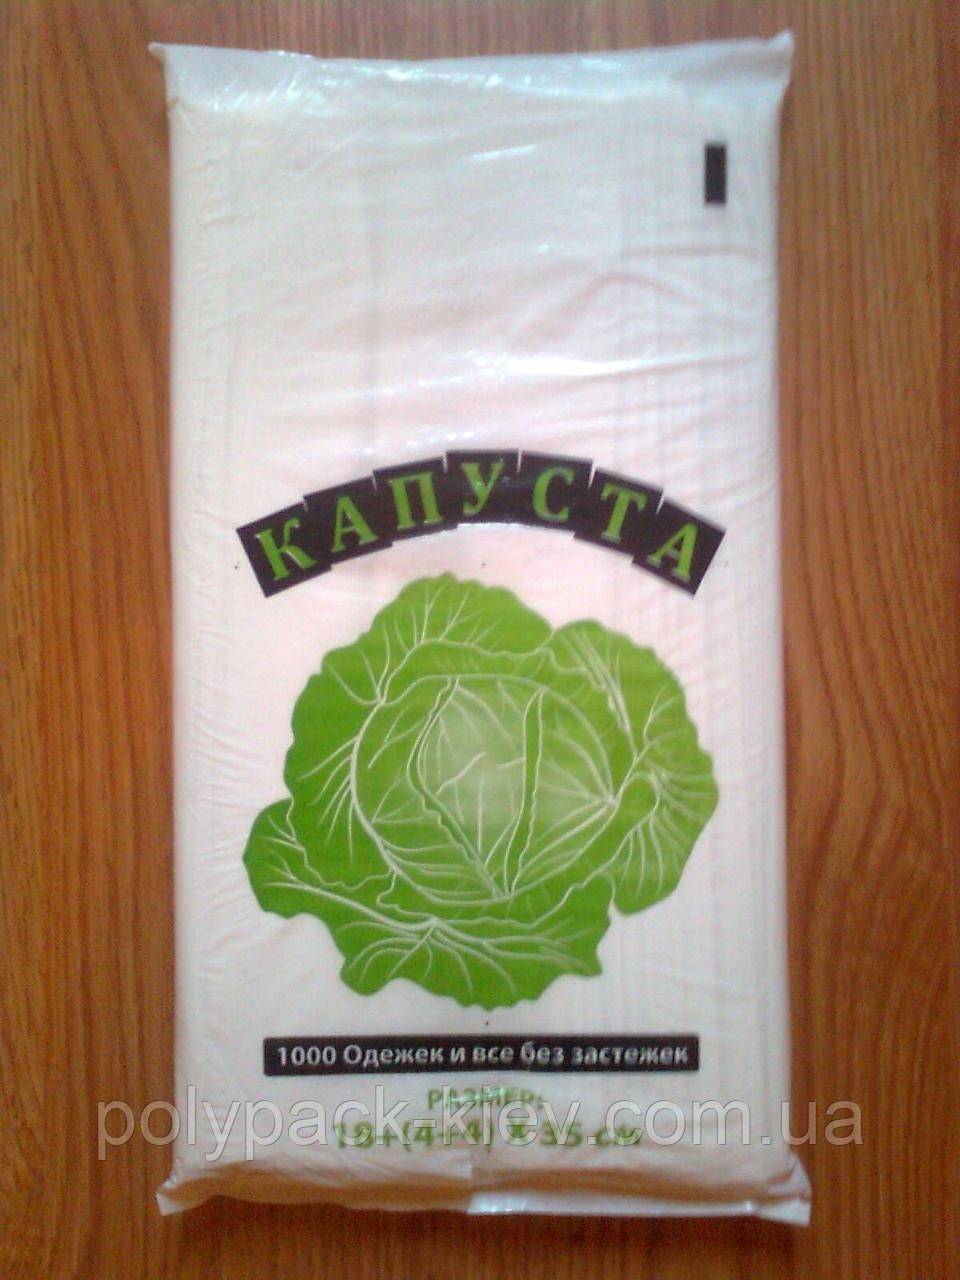 Пакети фасувальні 18*35 см/10 мкм 1000 шт. в блоці, щільний пакет фасувальний купити Київ